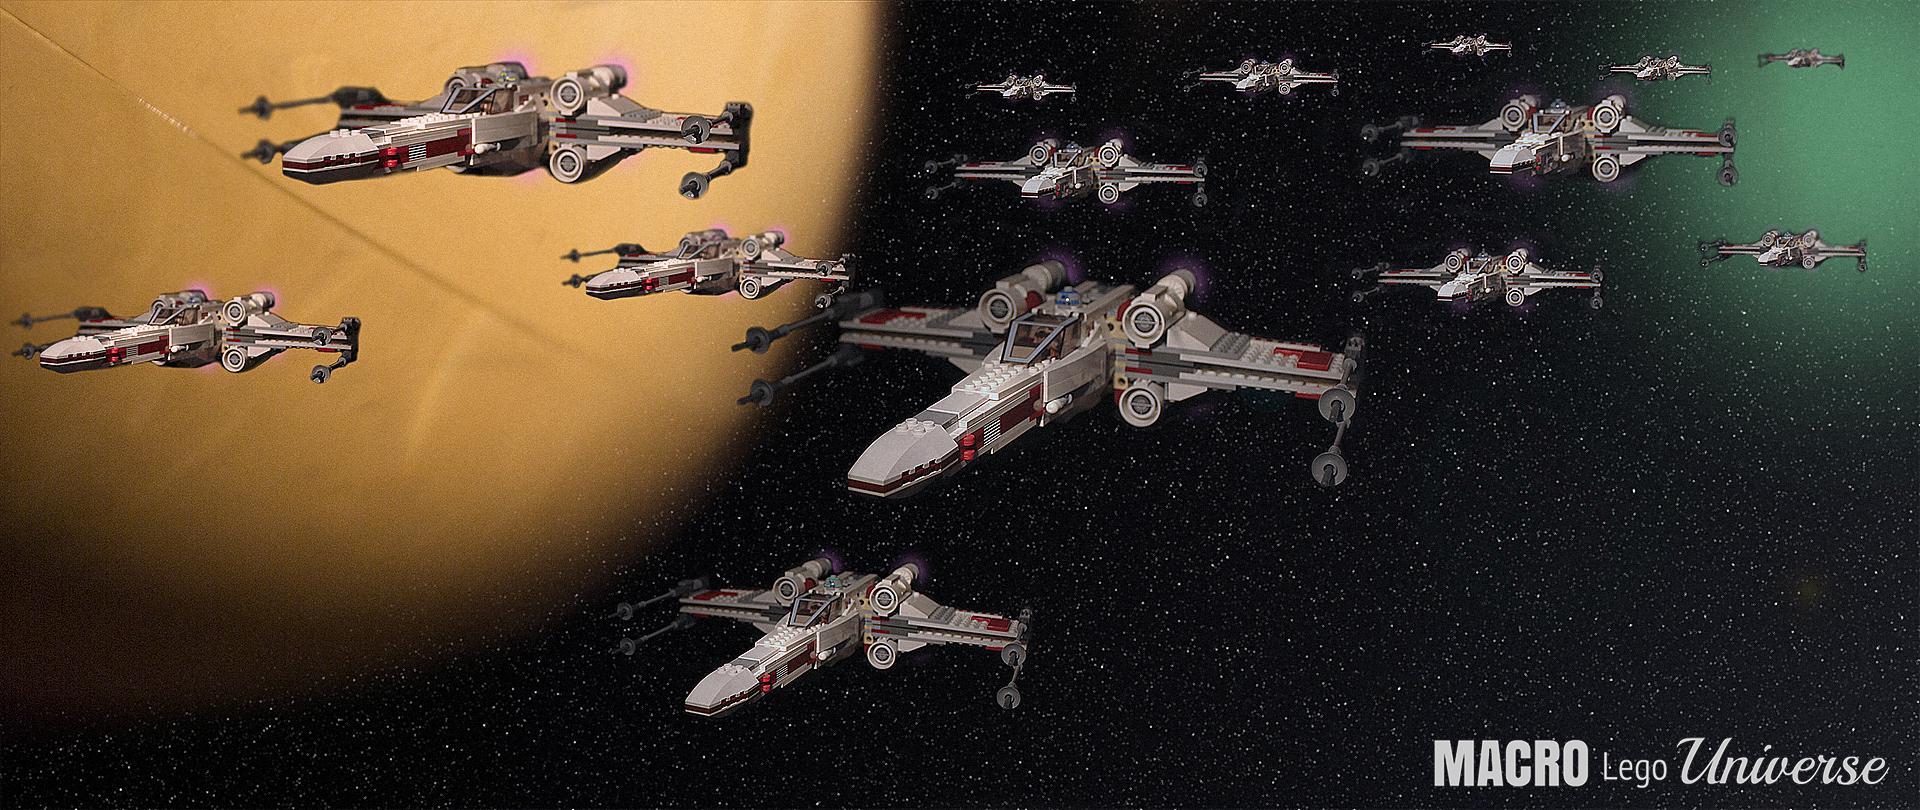 LEGO Star Wars Macro